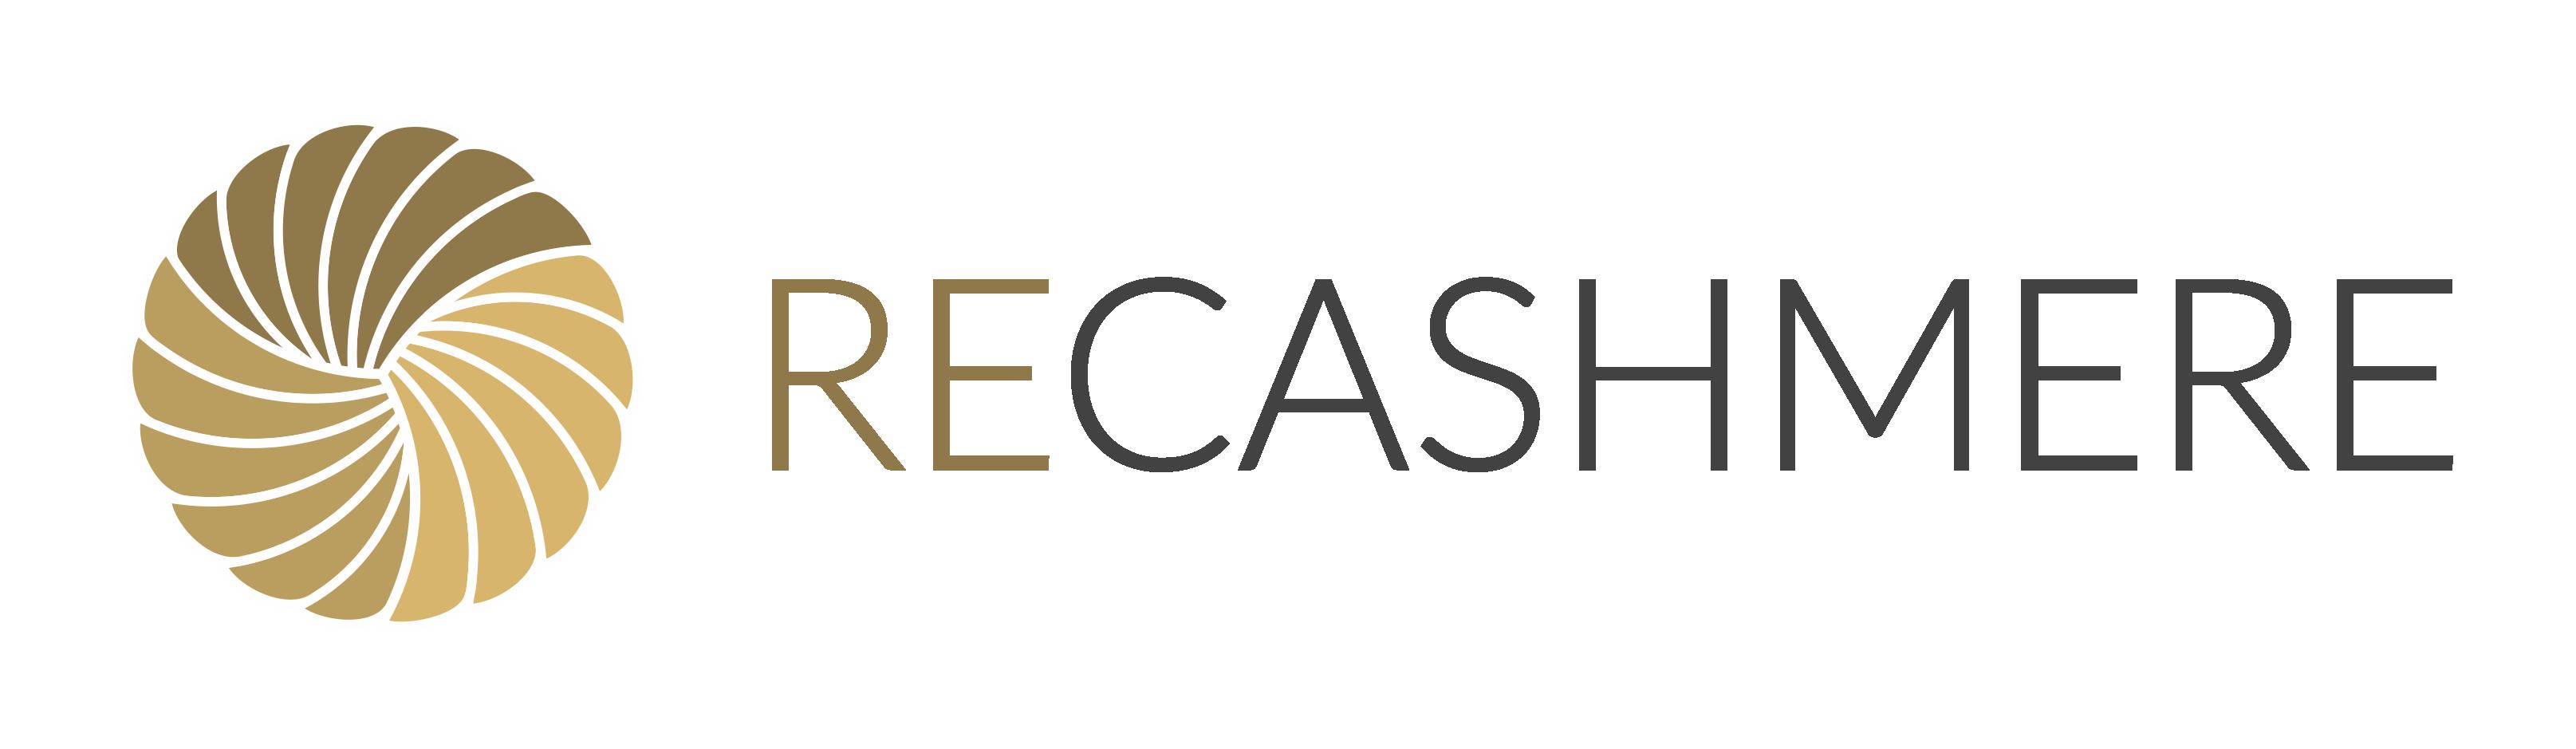 recashmere.com